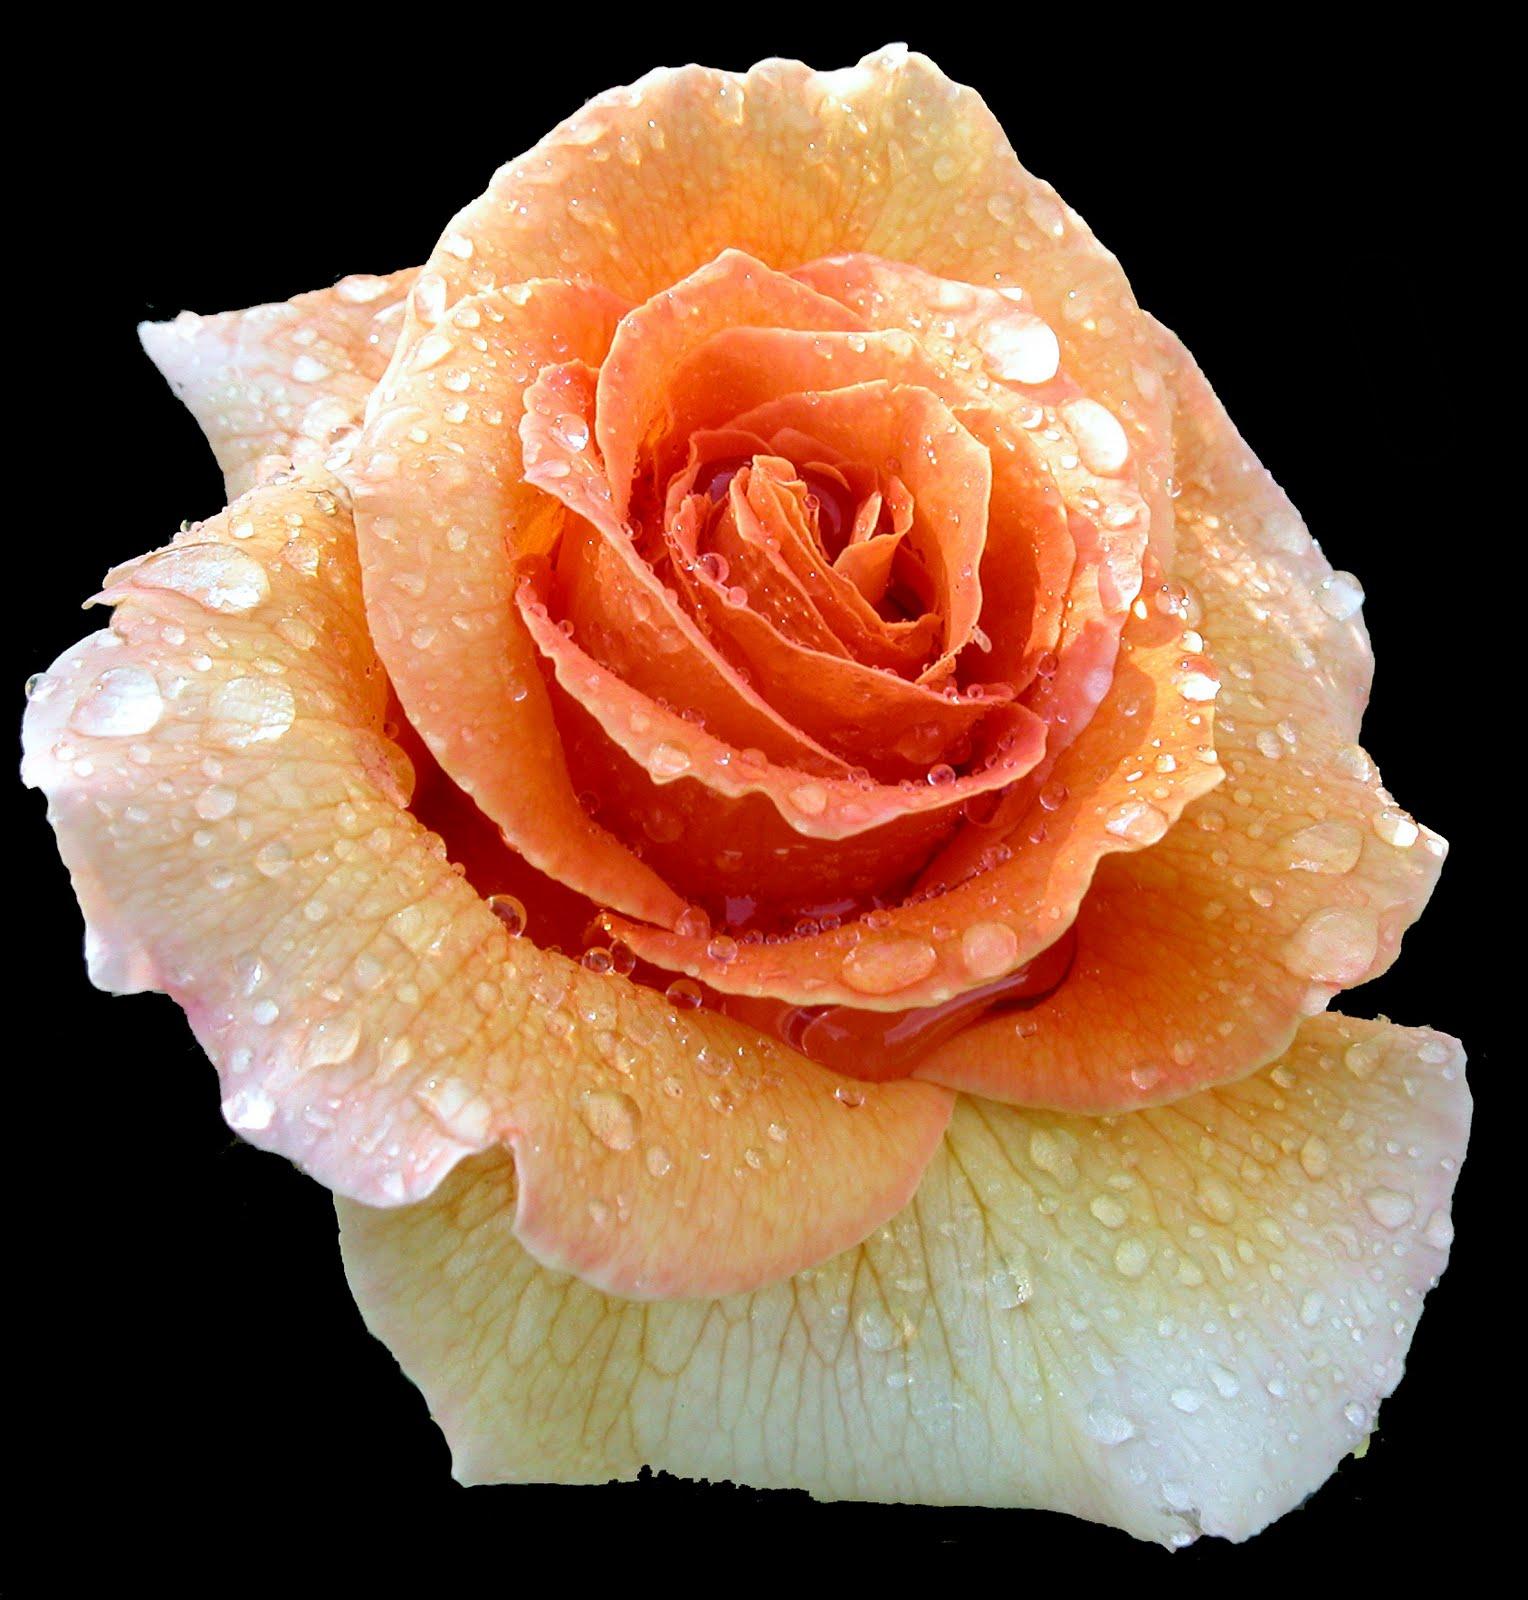 Free image bank rosas de colores para el 10 de mayo x 12 - Fotos de rosas de colores ...